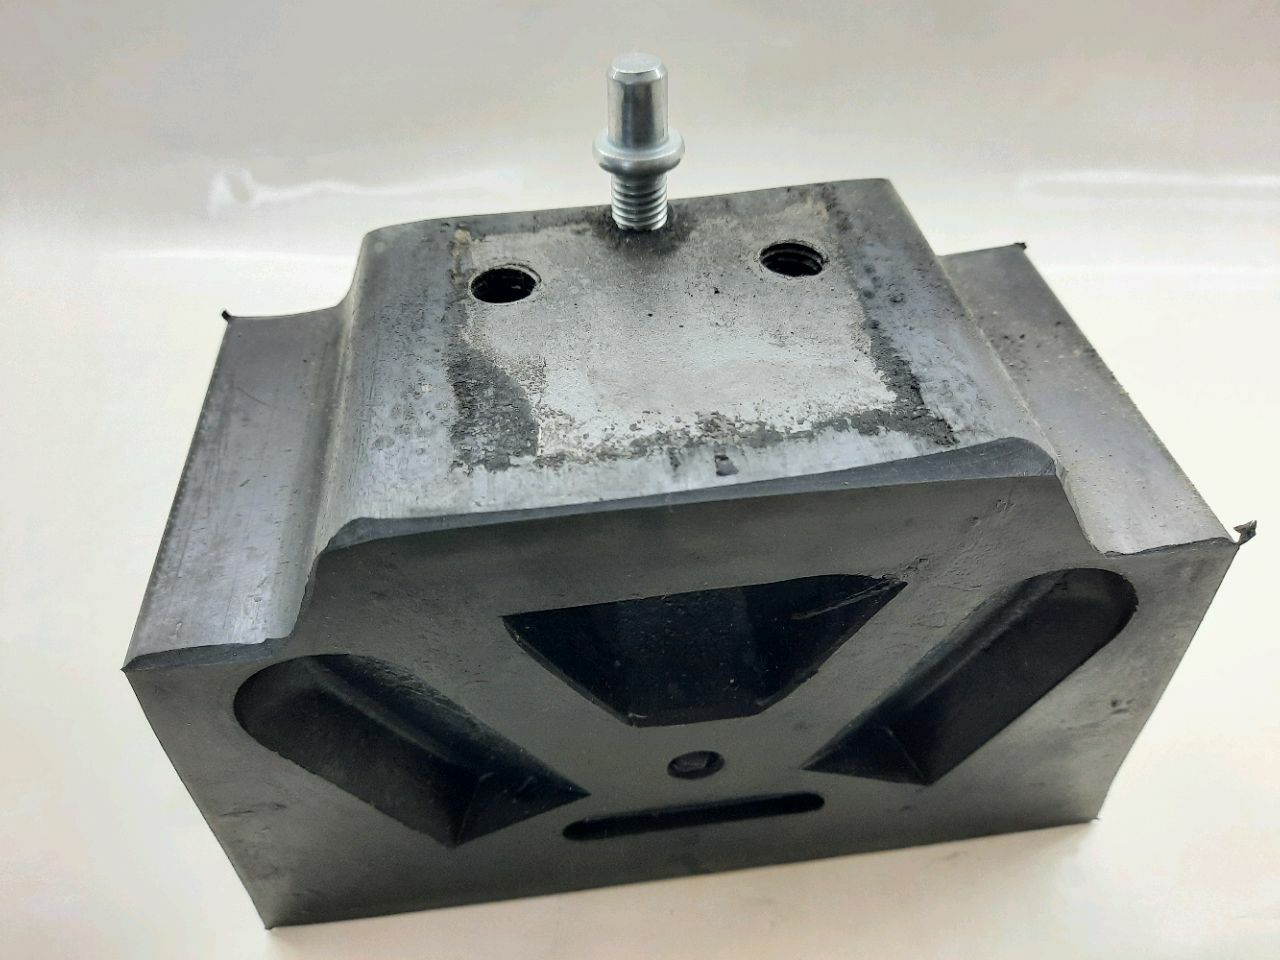 Amortizor de cauciuc a motorului IaMZ-238 (lateral